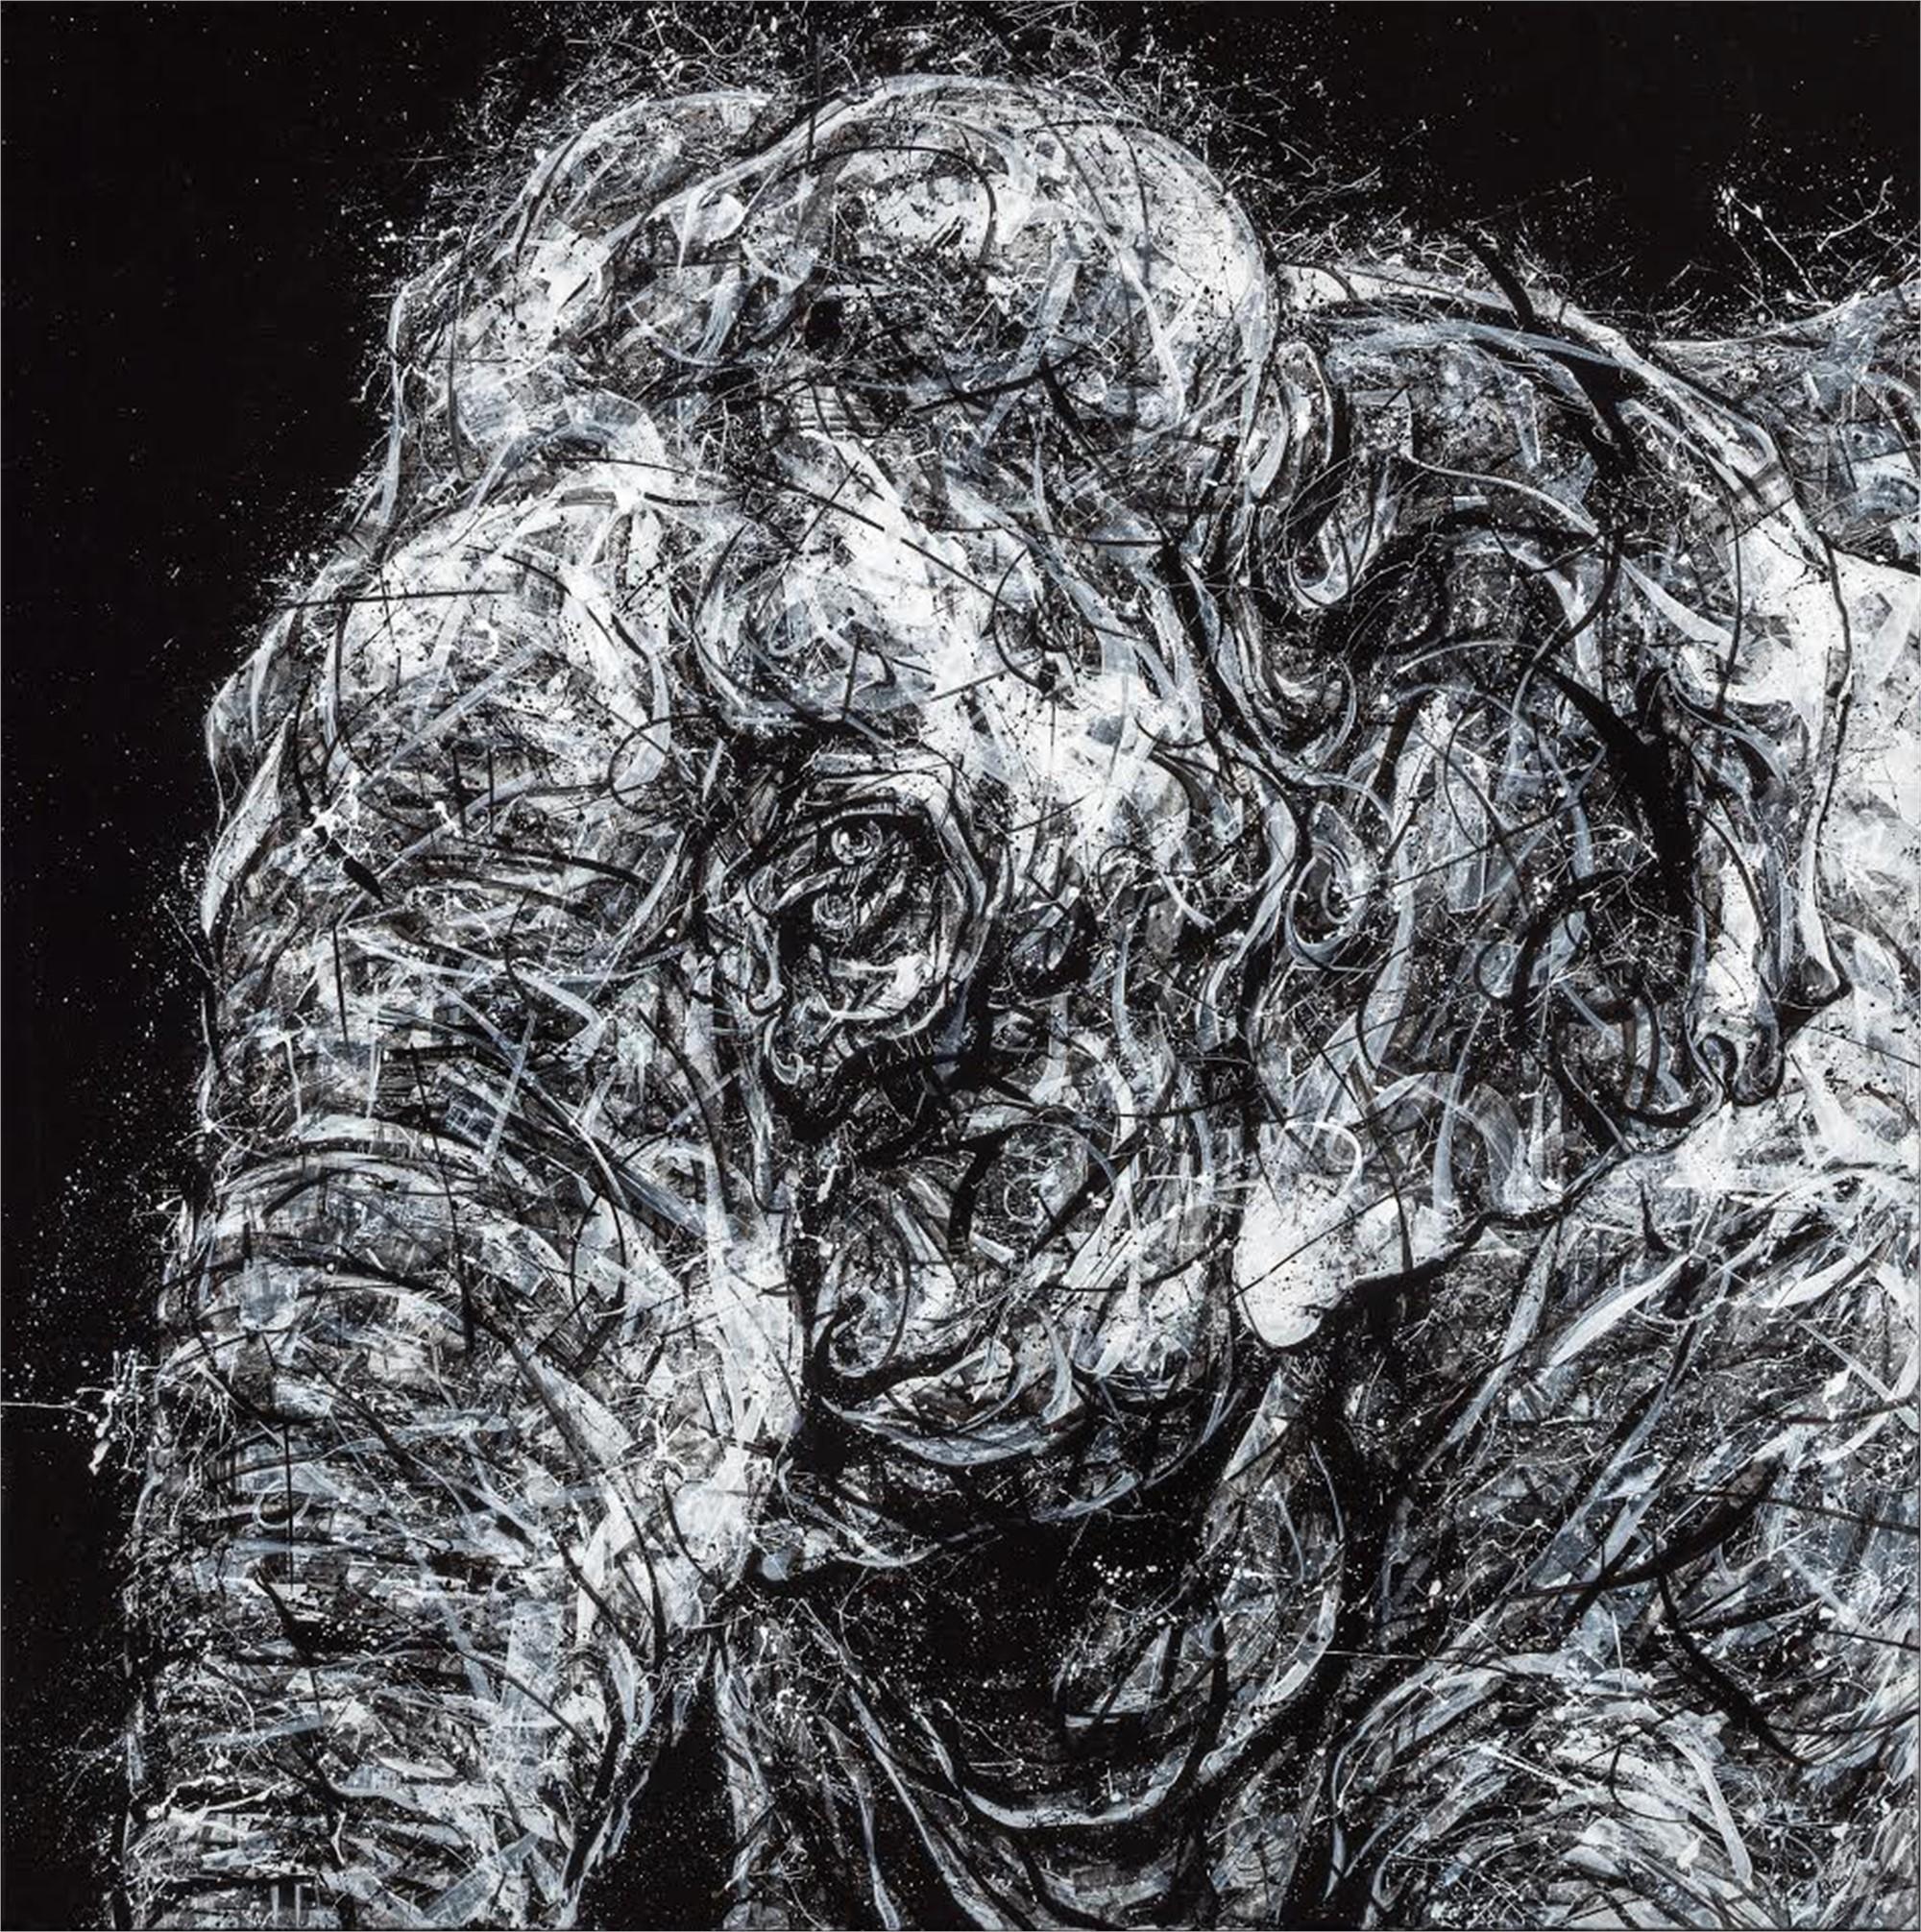 Elephant by Aaron Reichert